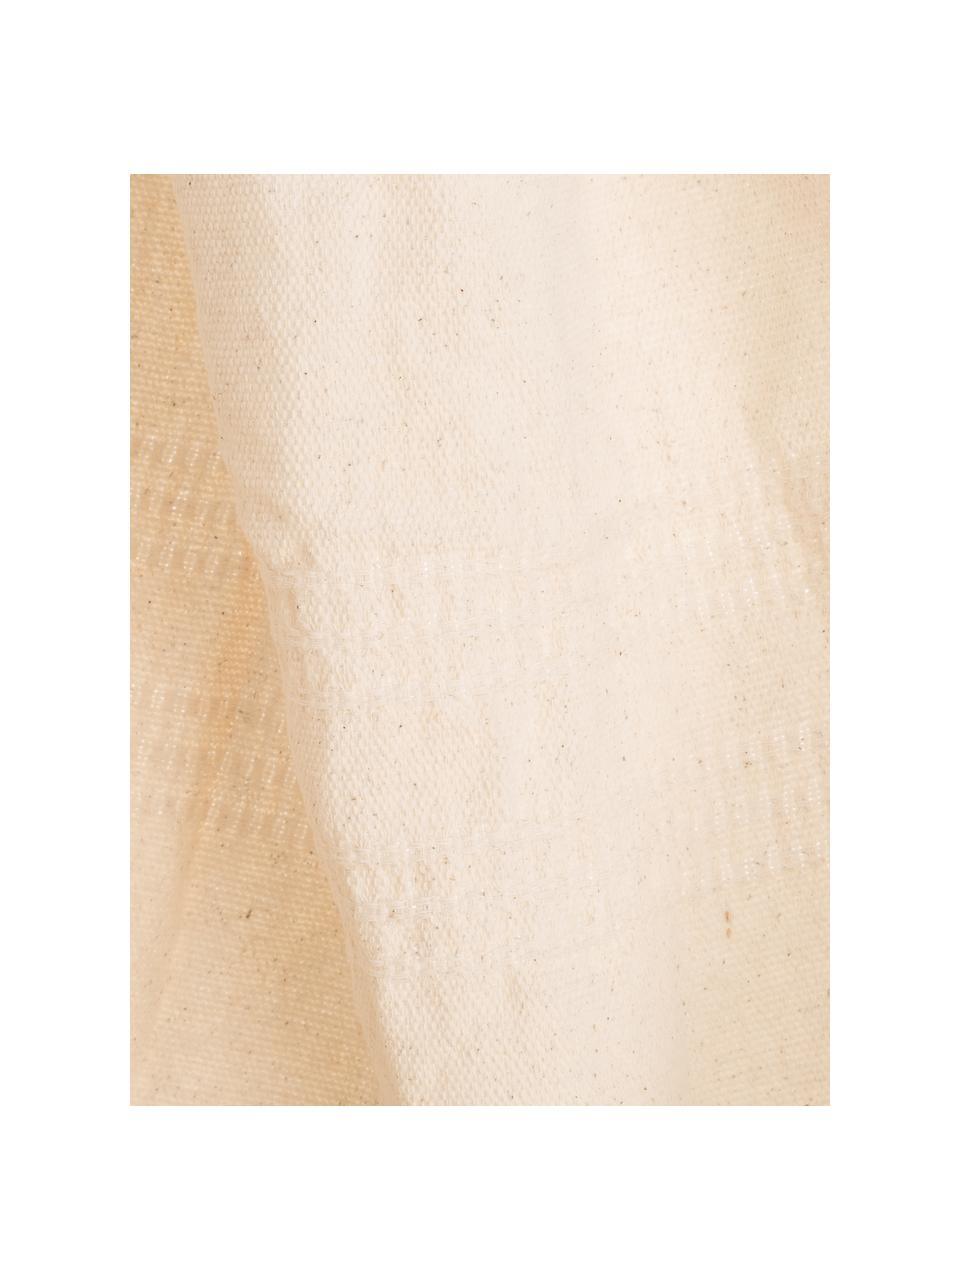 Hangstoel Brasil van katoen in beige, Beige, 130 x 160 cm